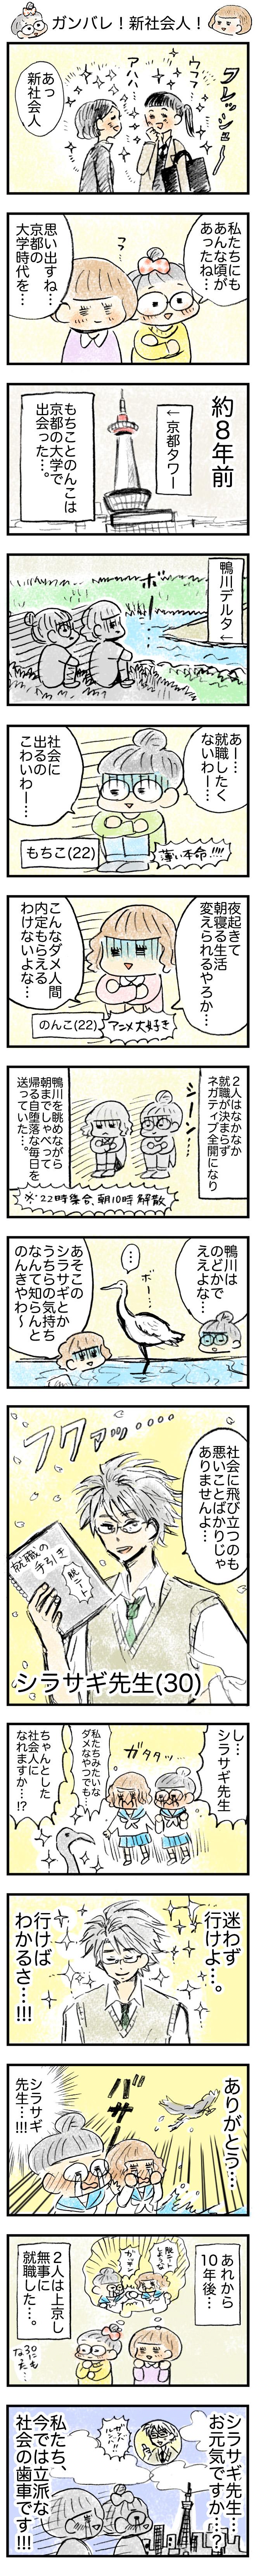 【漫画】ガンバレ!新社会人!『もちことのんこ』第5回 作:マリスコ